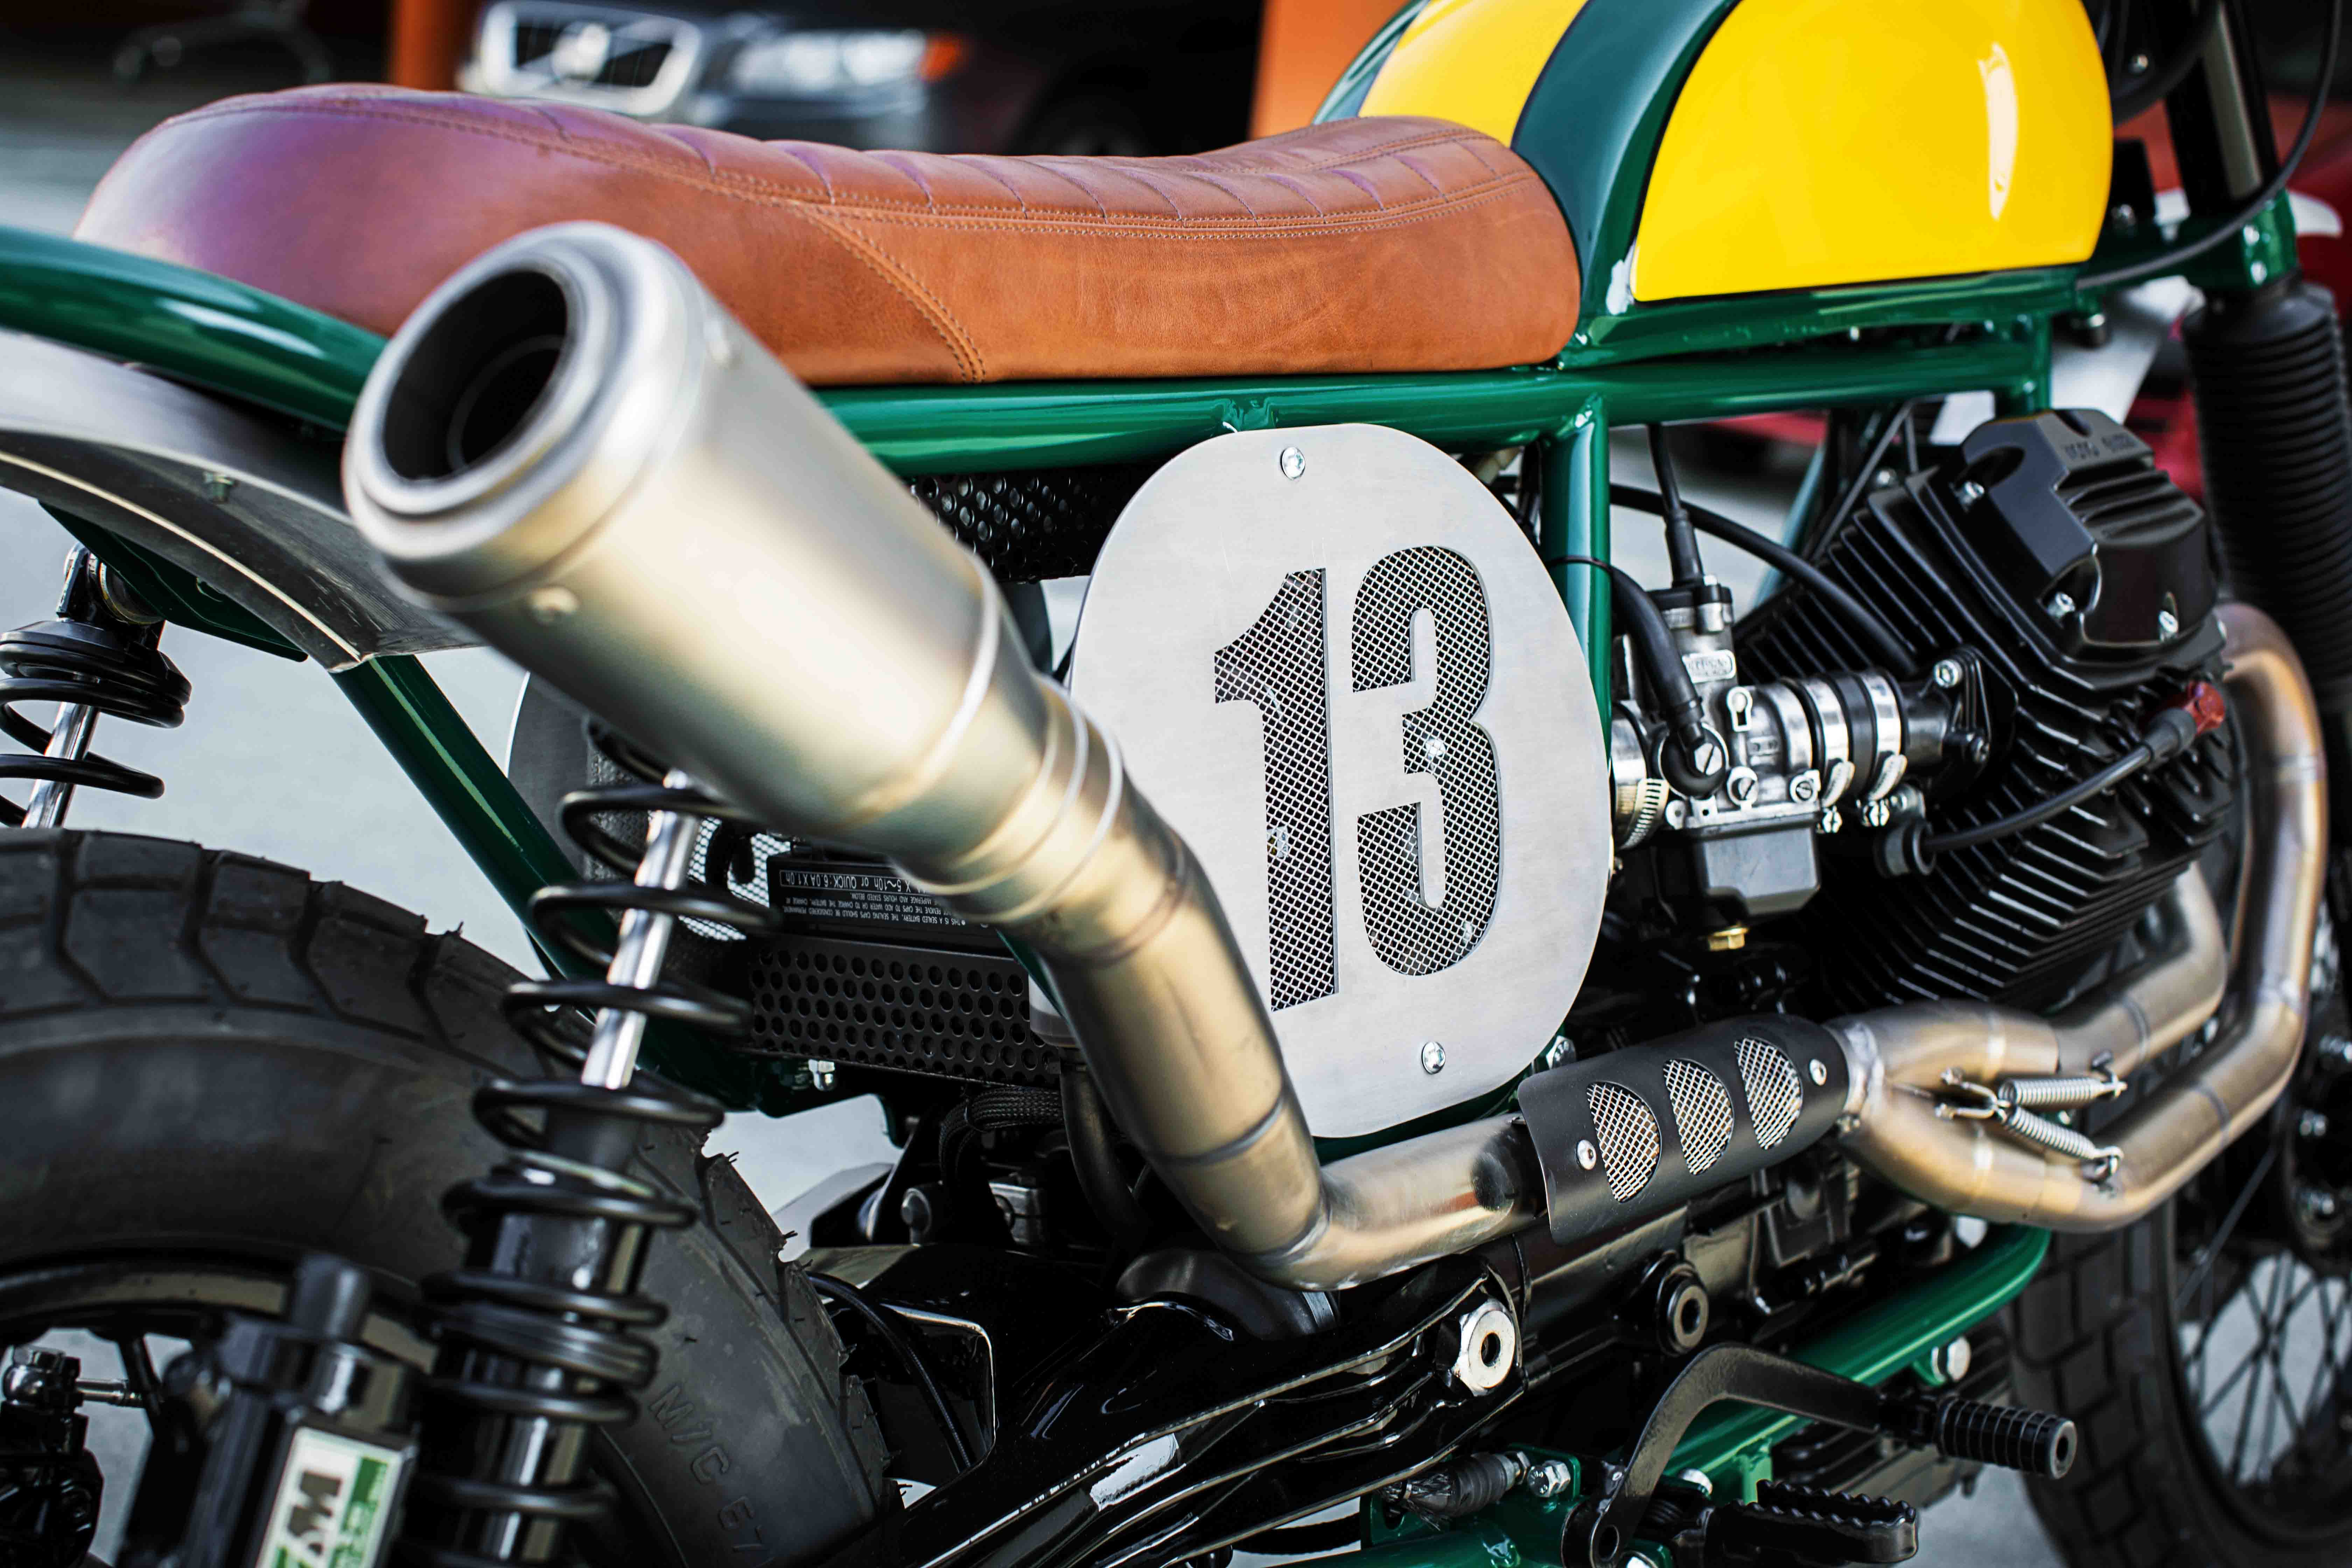 Bombay-13-Moto-Guzzi-Rust-and-Glory-12